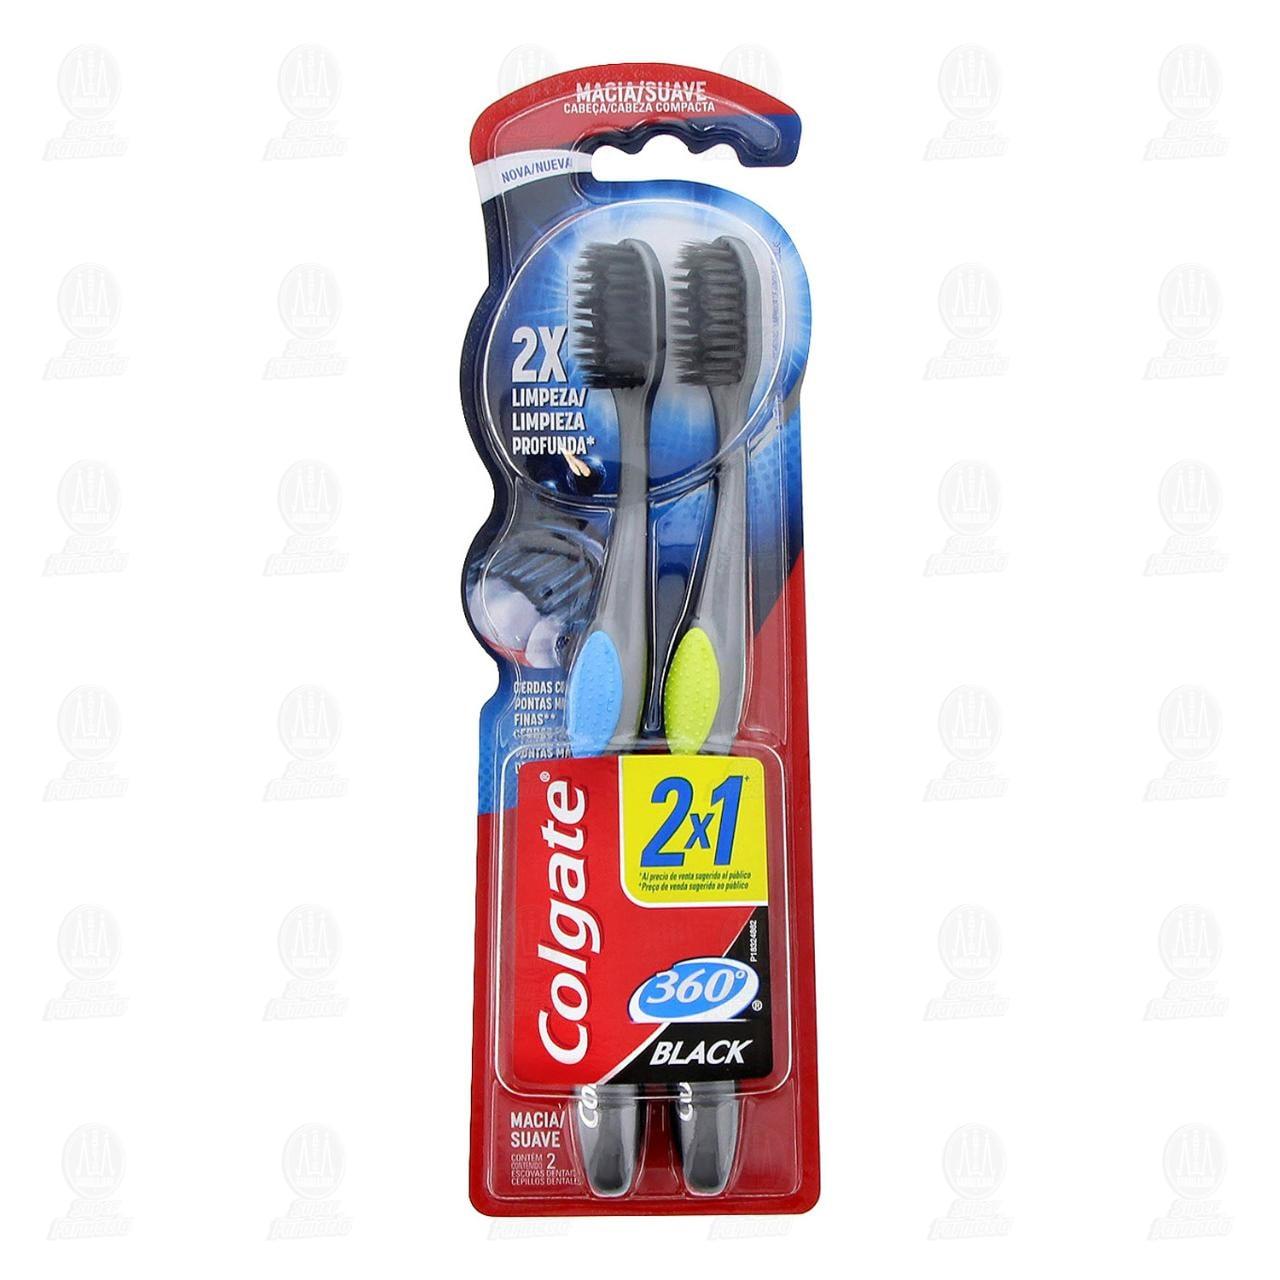 Comprar Cepillo Dental Colgate 360° Black, 2 pzas. en Farmacias Guadalajara